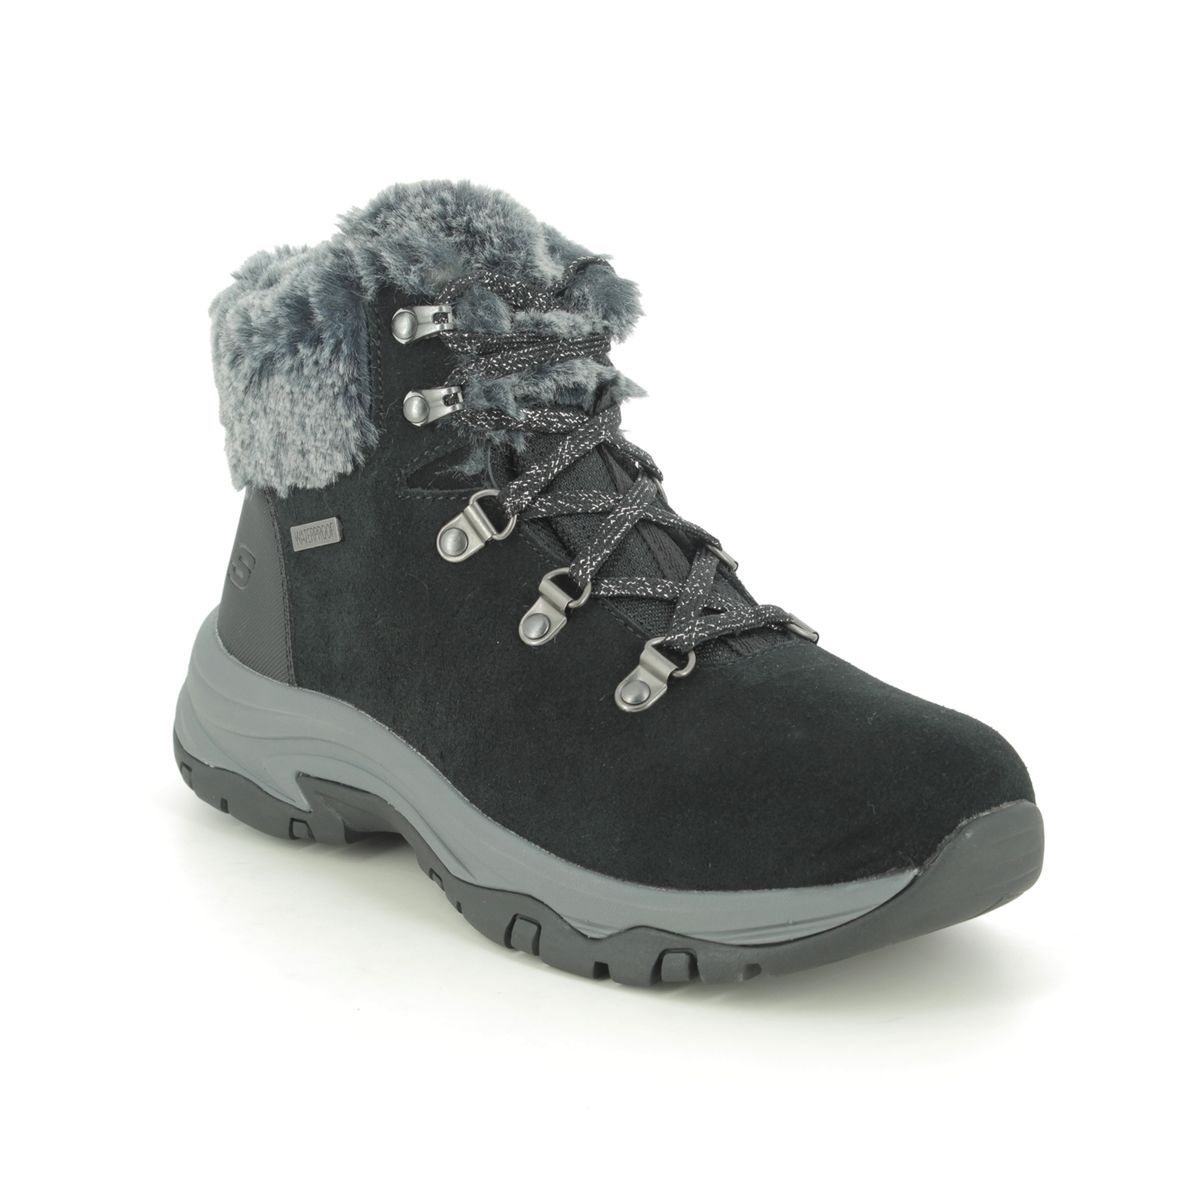 Skechers Trego Tex 167178 BLK Black